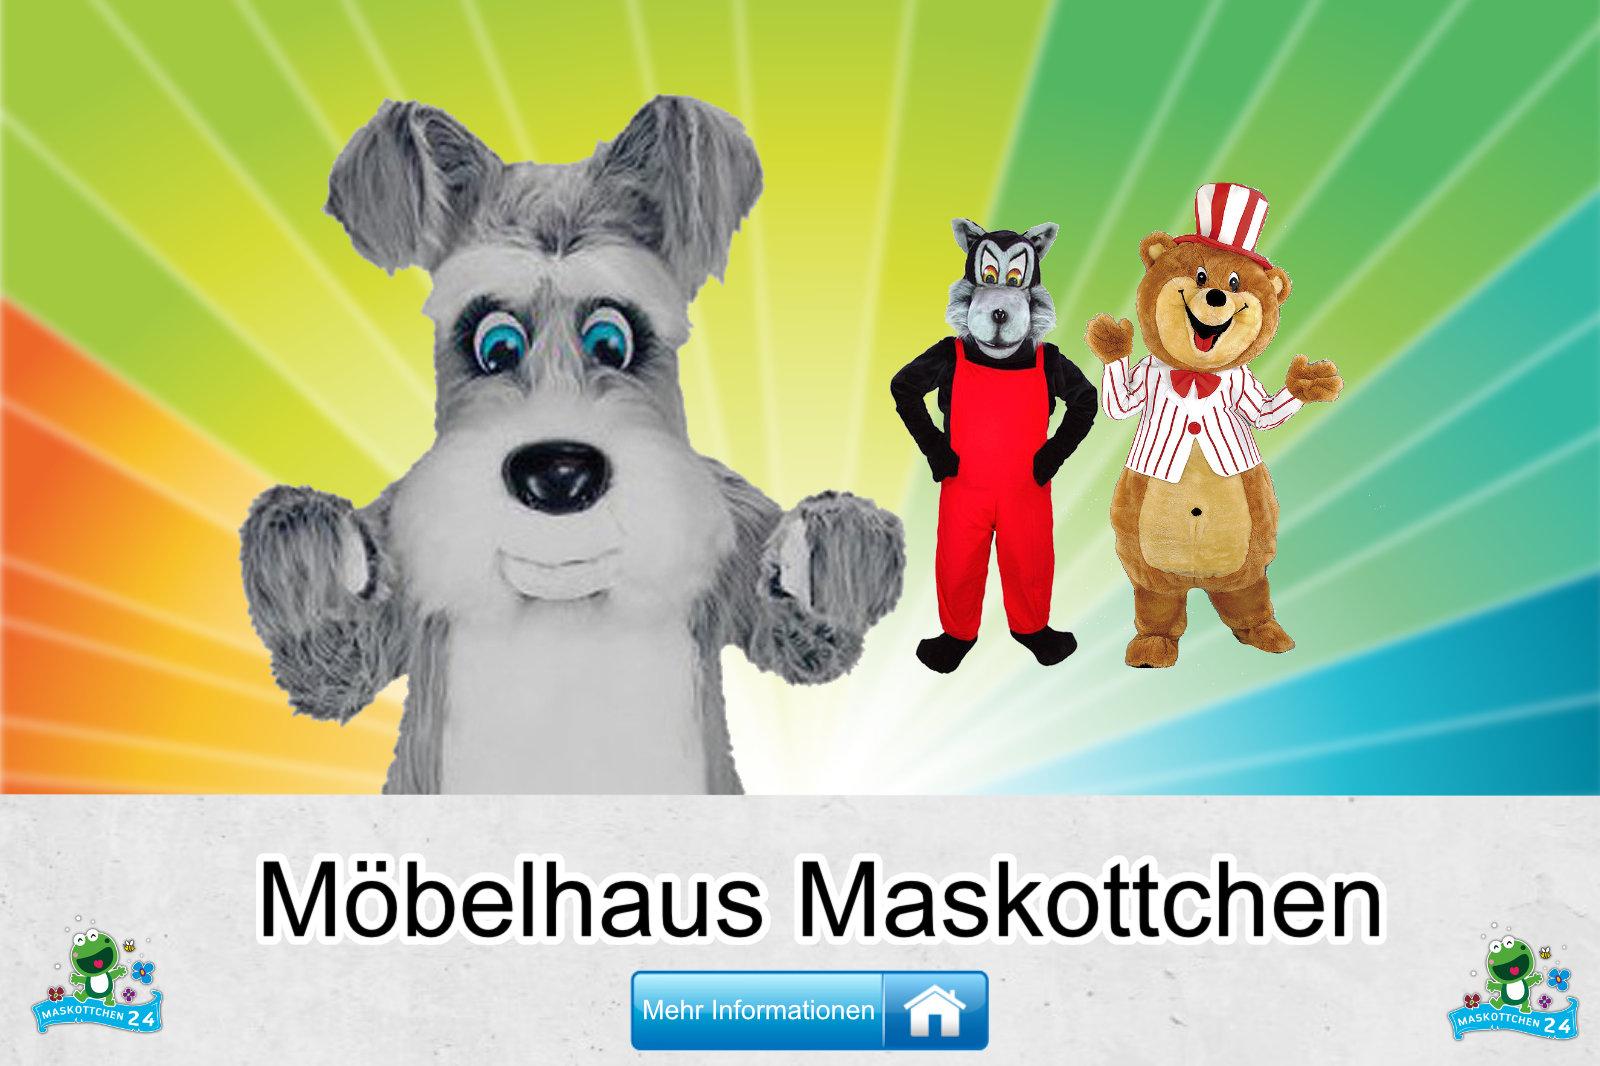 Kostüm Maskottchen Günstig-Kaufen Produktion Möbelhaus